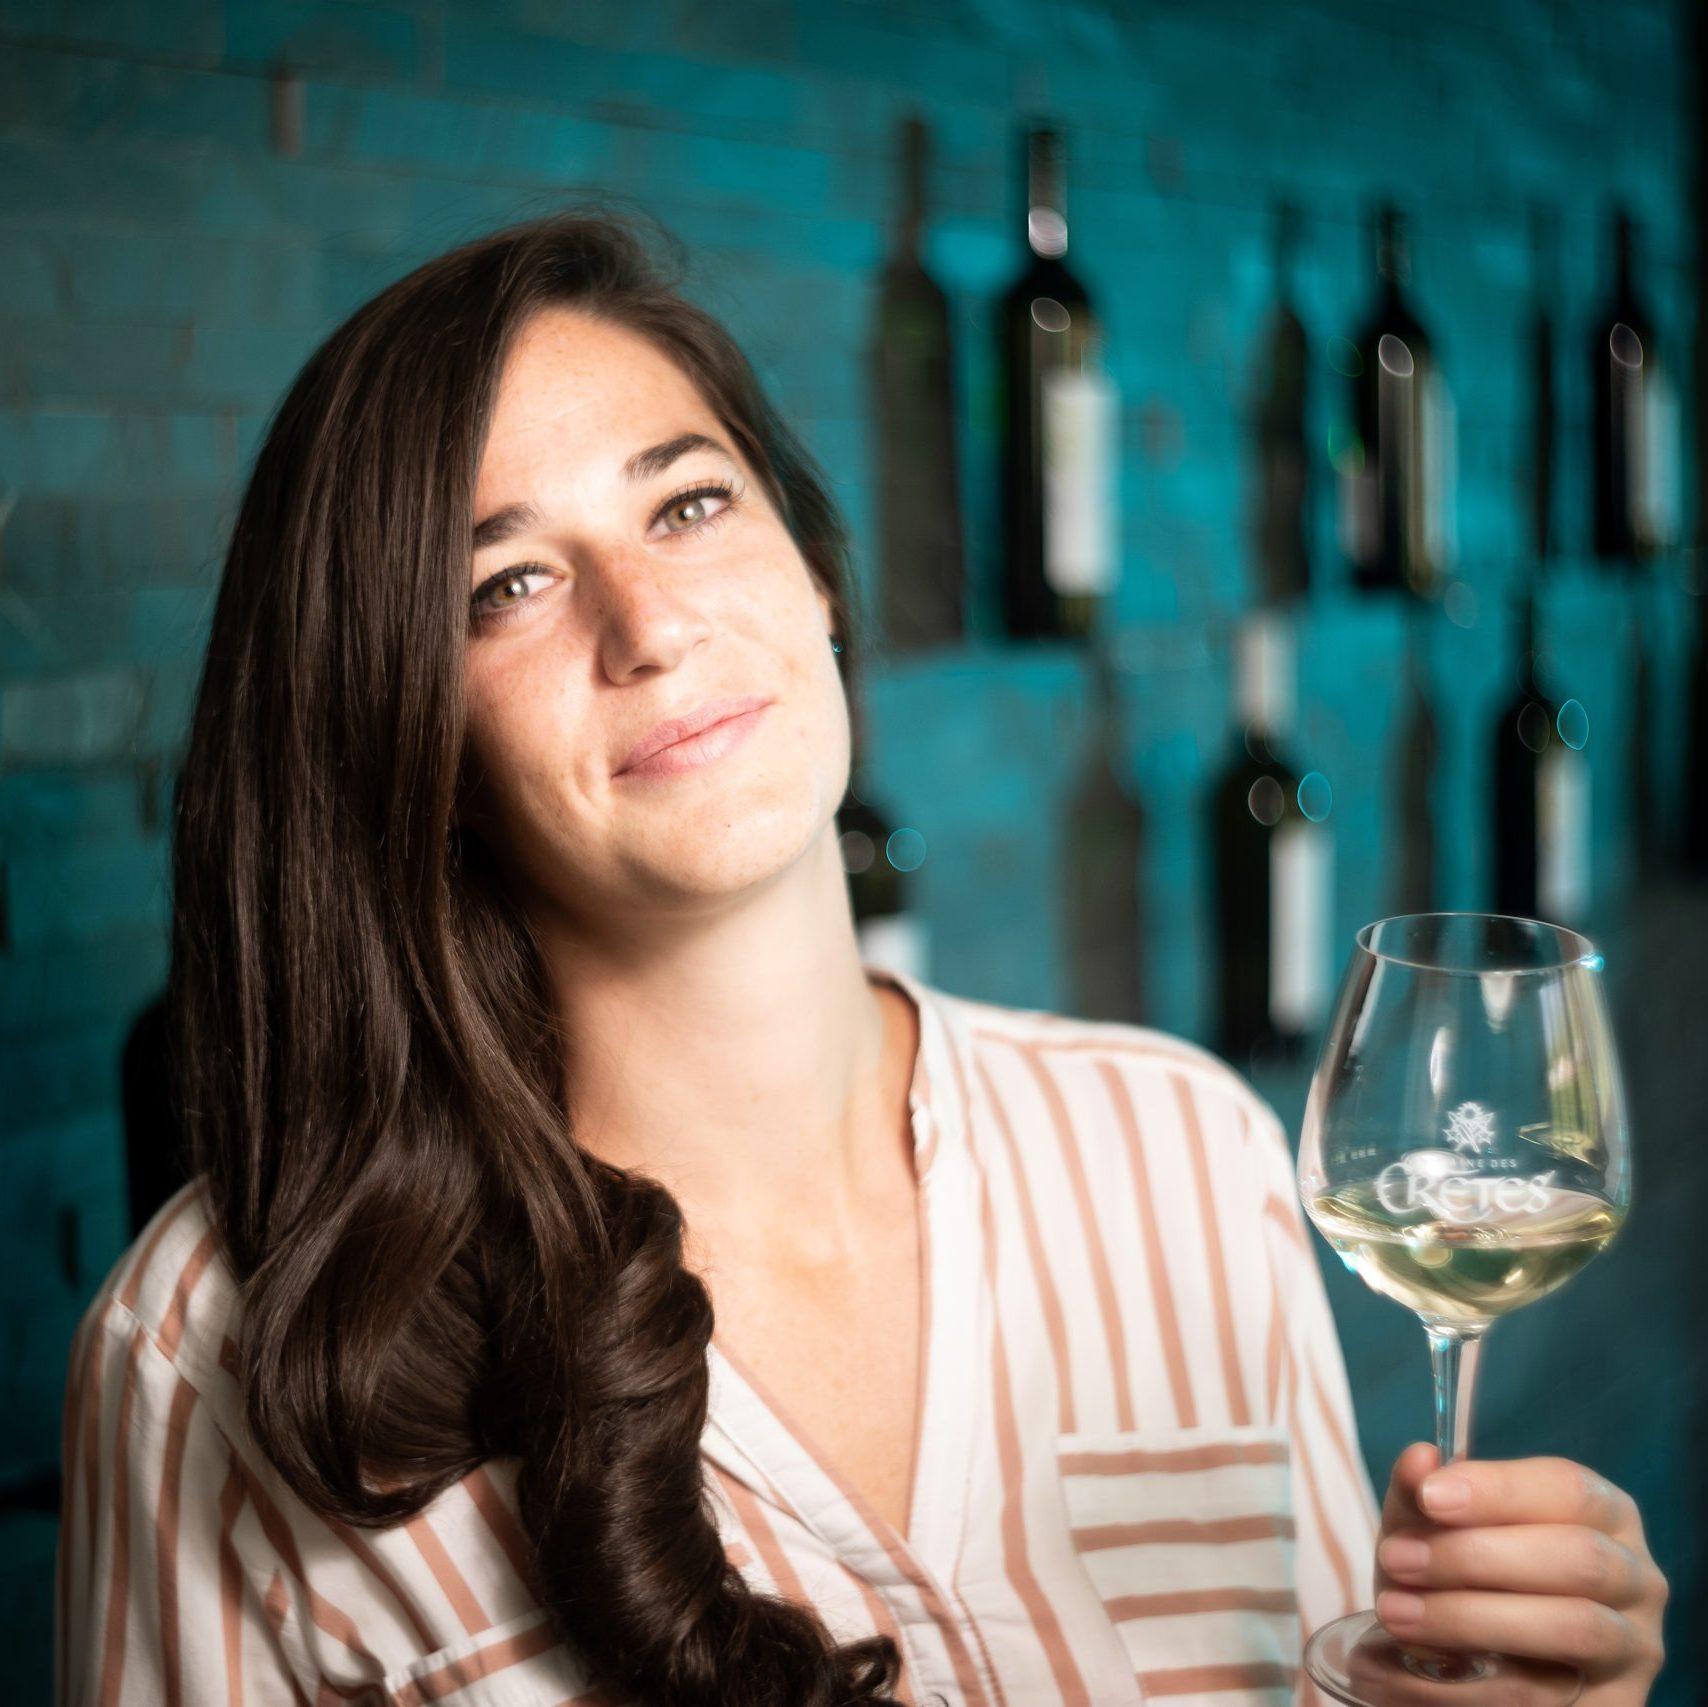 DOMAINE DES CRETES - Martine Vocat - Portrait - viticulture - vin - vigneron - valais